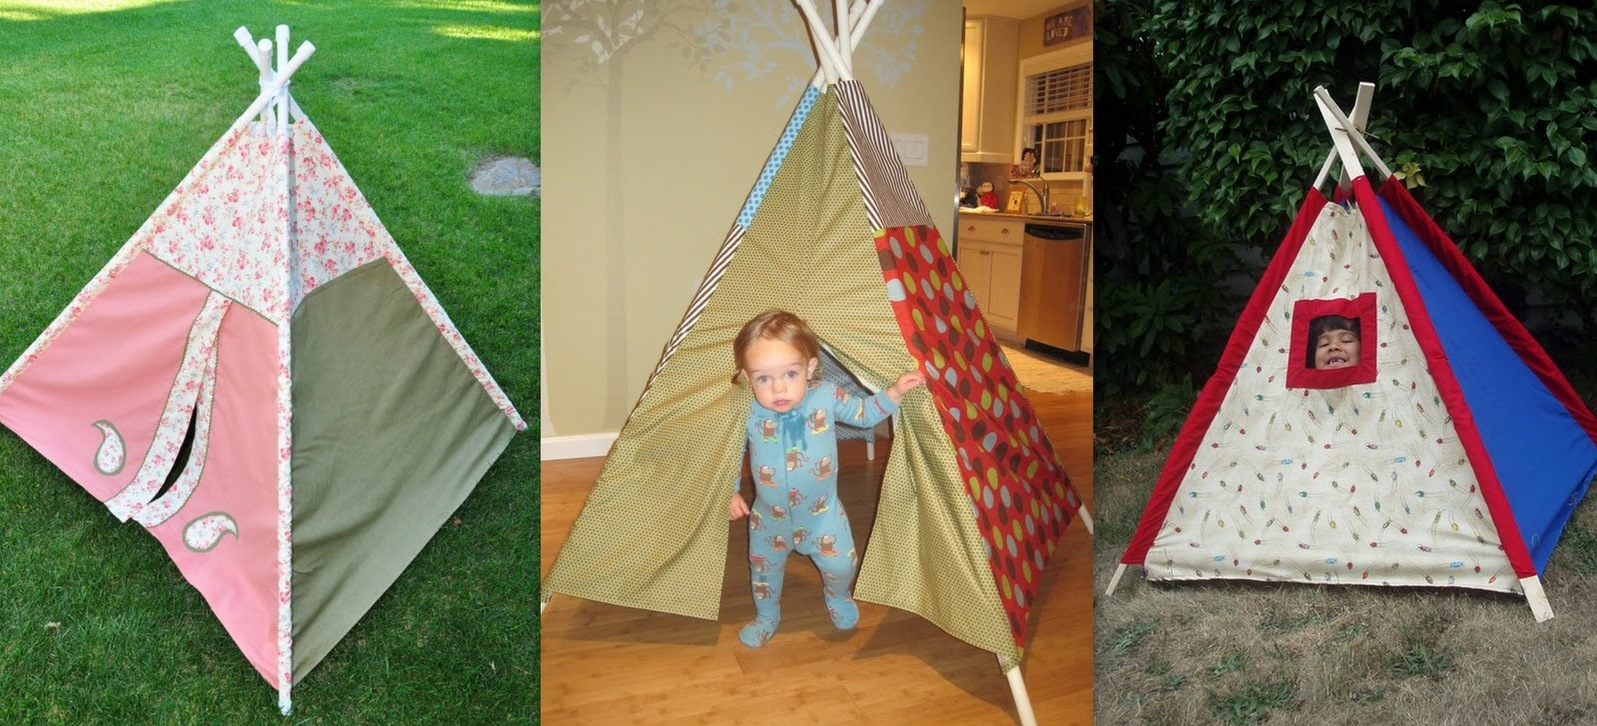 Как сделать палатку своими руками фото